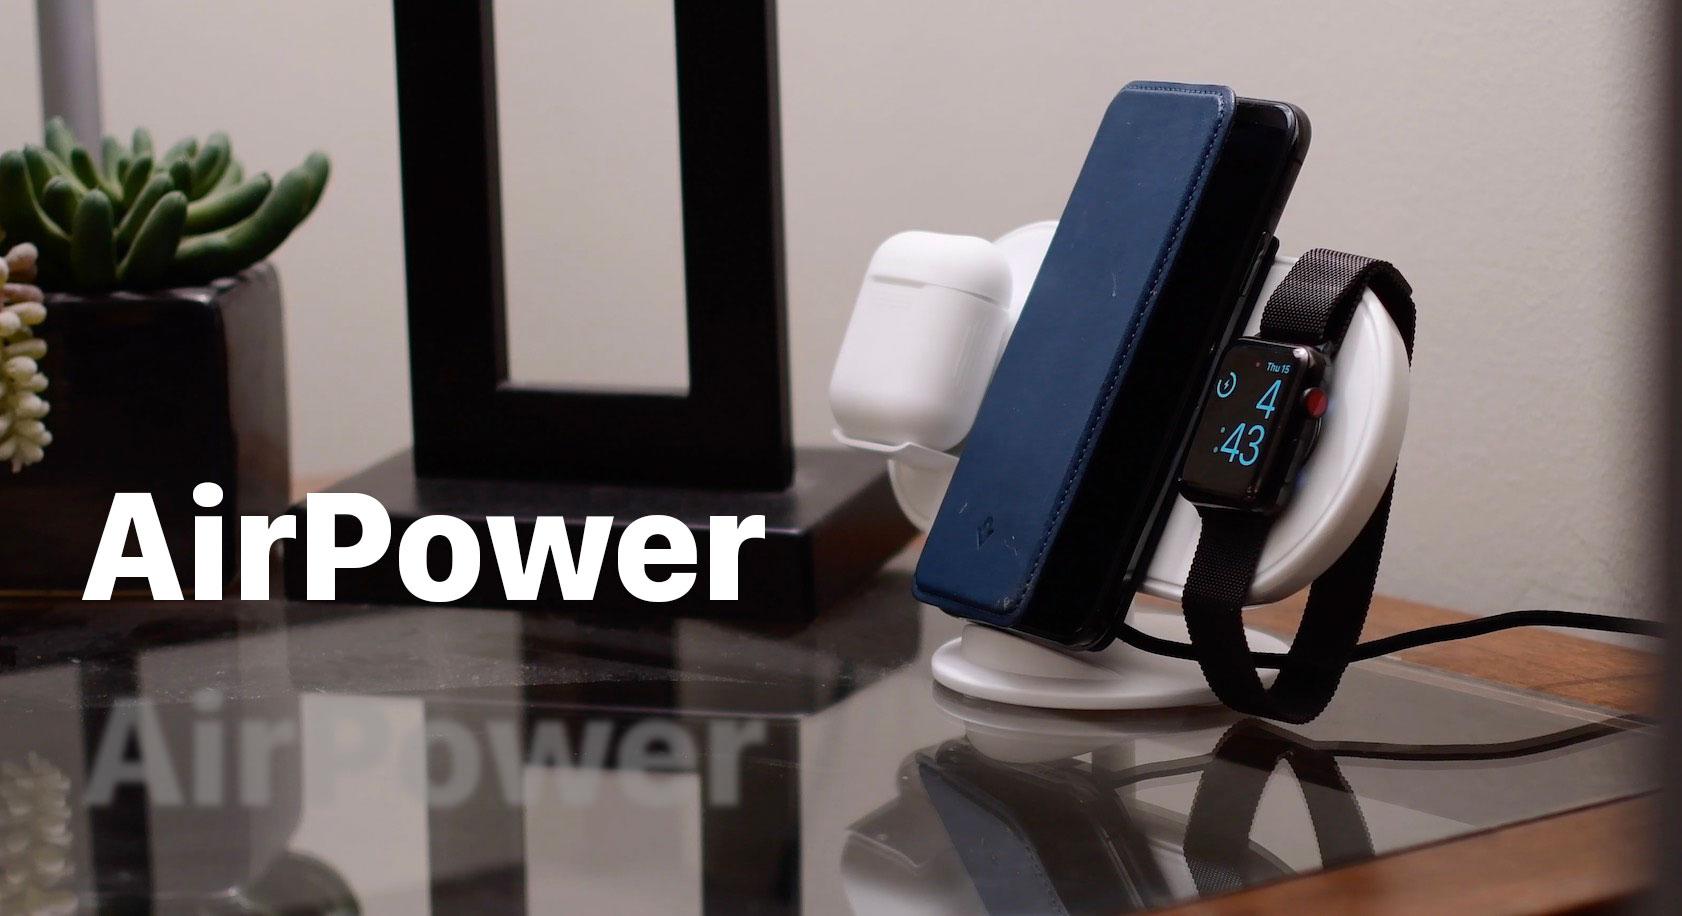 Apple sẽ ra mắt sạc không dây AirPower cùng với iPhone 2018, giá khoảng 3.5 triệu đồng?